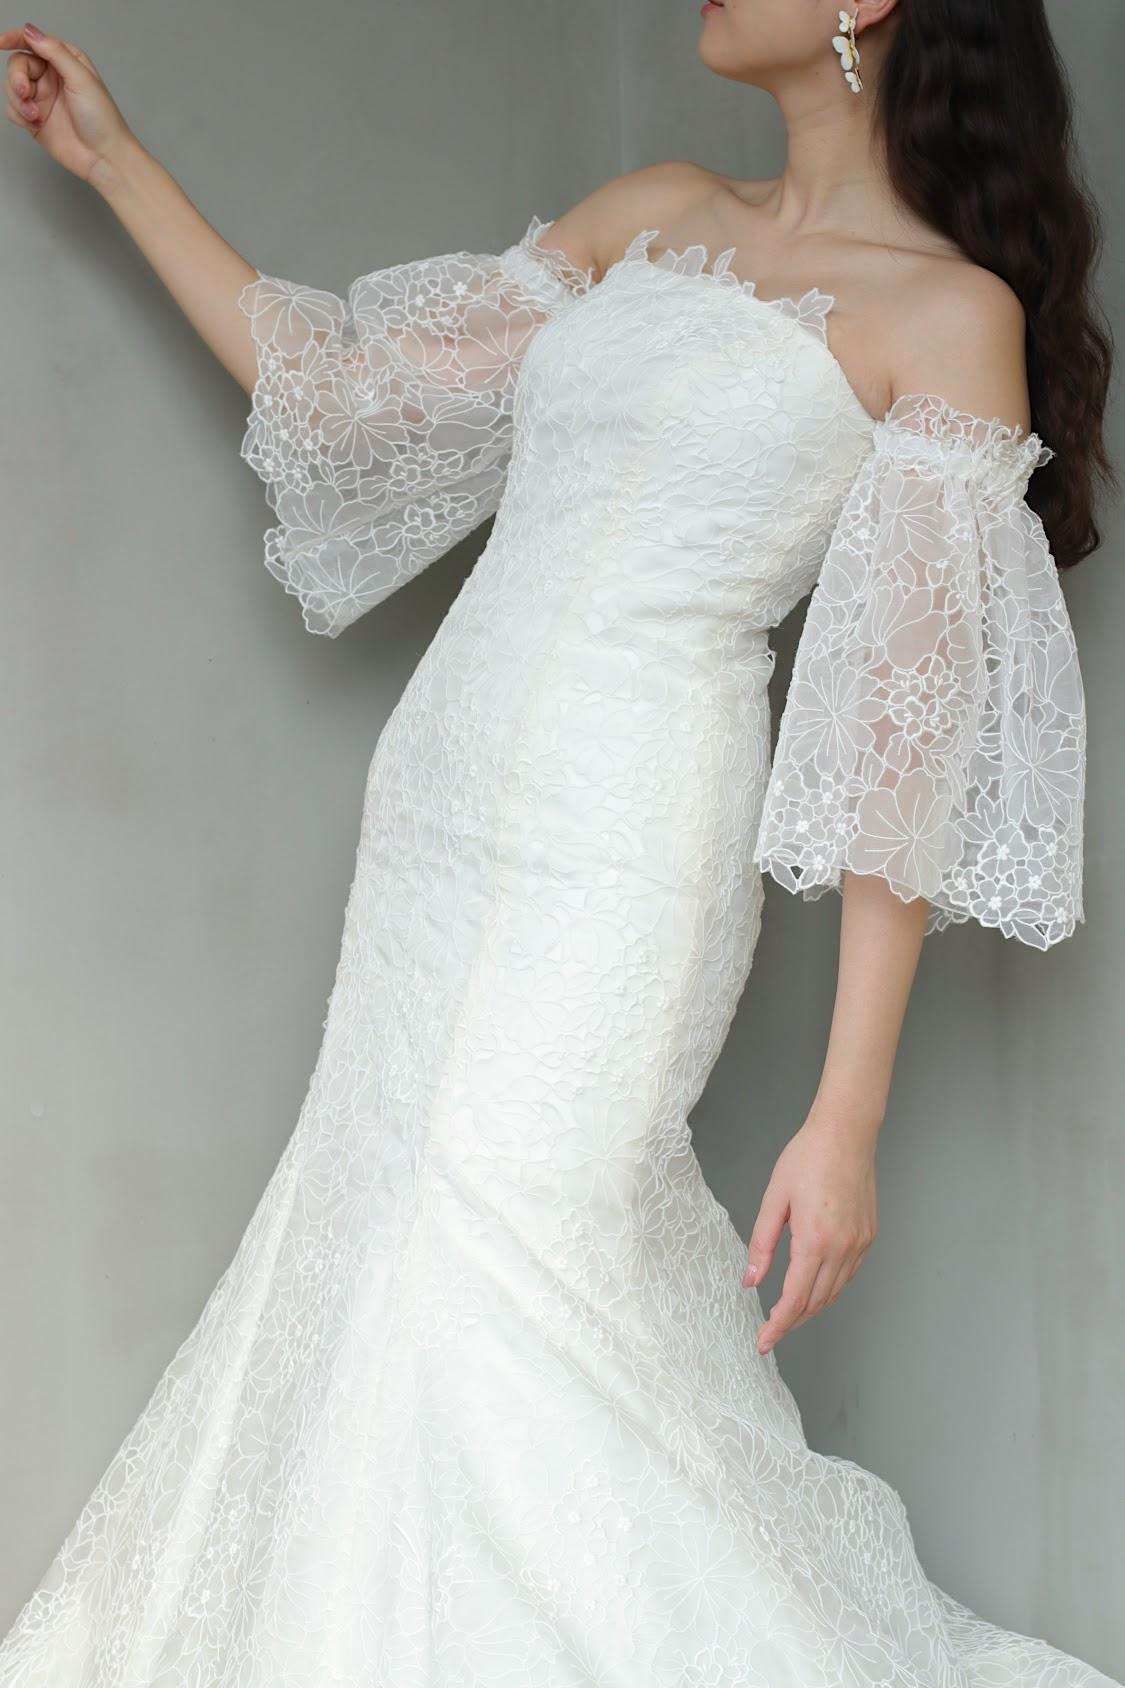 インポートドレスが揃うTHETREATDRESSING アディション店に、世界のトップブランドであるキャロリーナ・ヘレラの総レースでマーメイドラインの最旬トレンドの新作ウェディングドレスが入荷いたしました